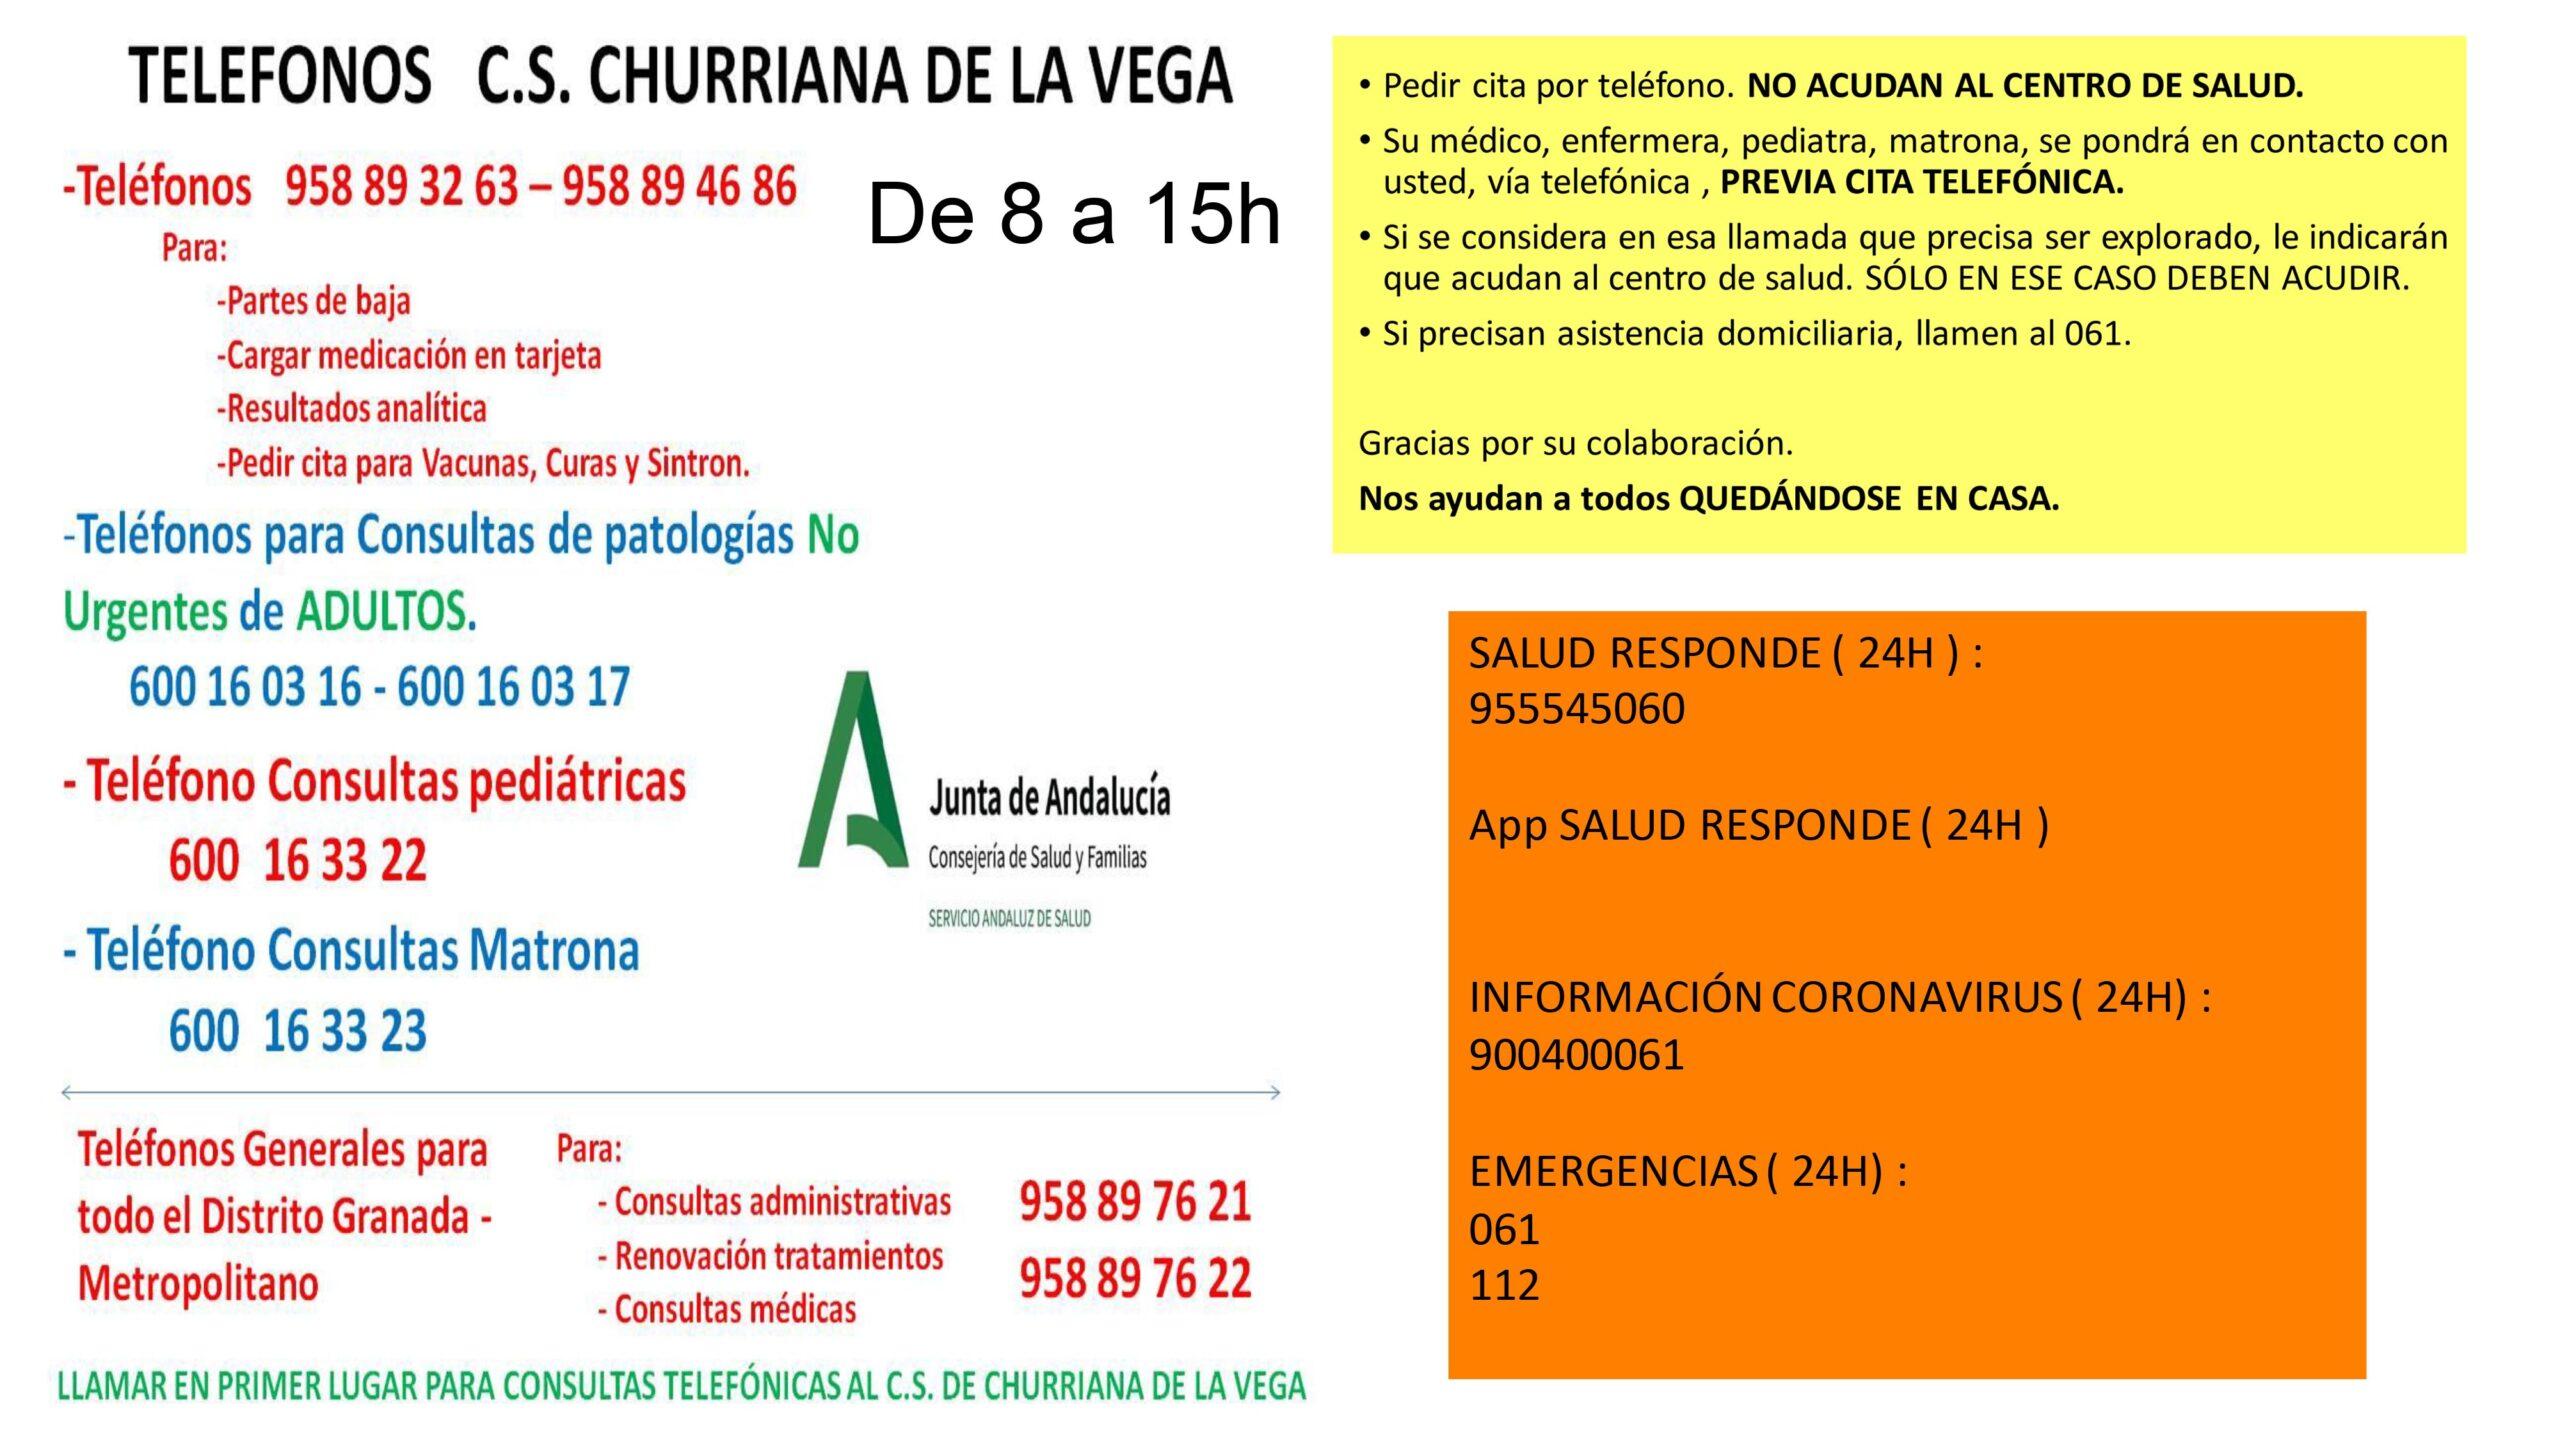 Teléfonos actualizados del Centro de Salud de Churriana de la Vega